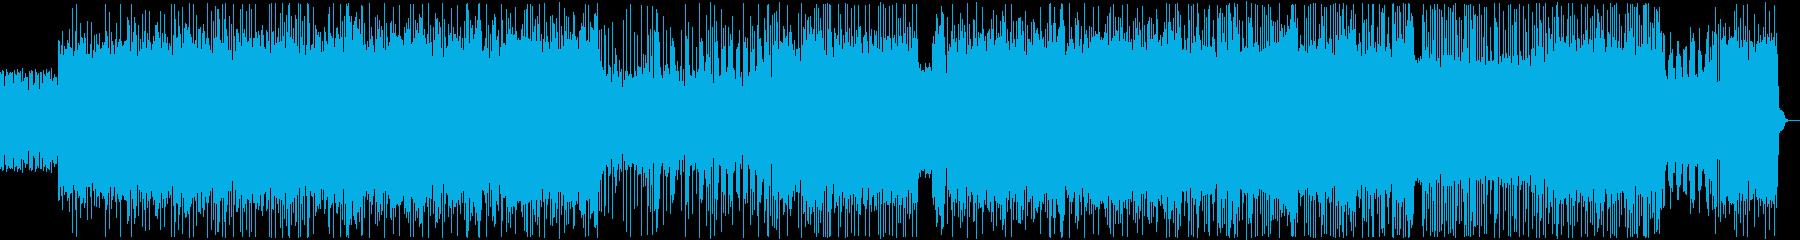 戦闘シーンに最適なメタルロック風の曲の再生済みの波形